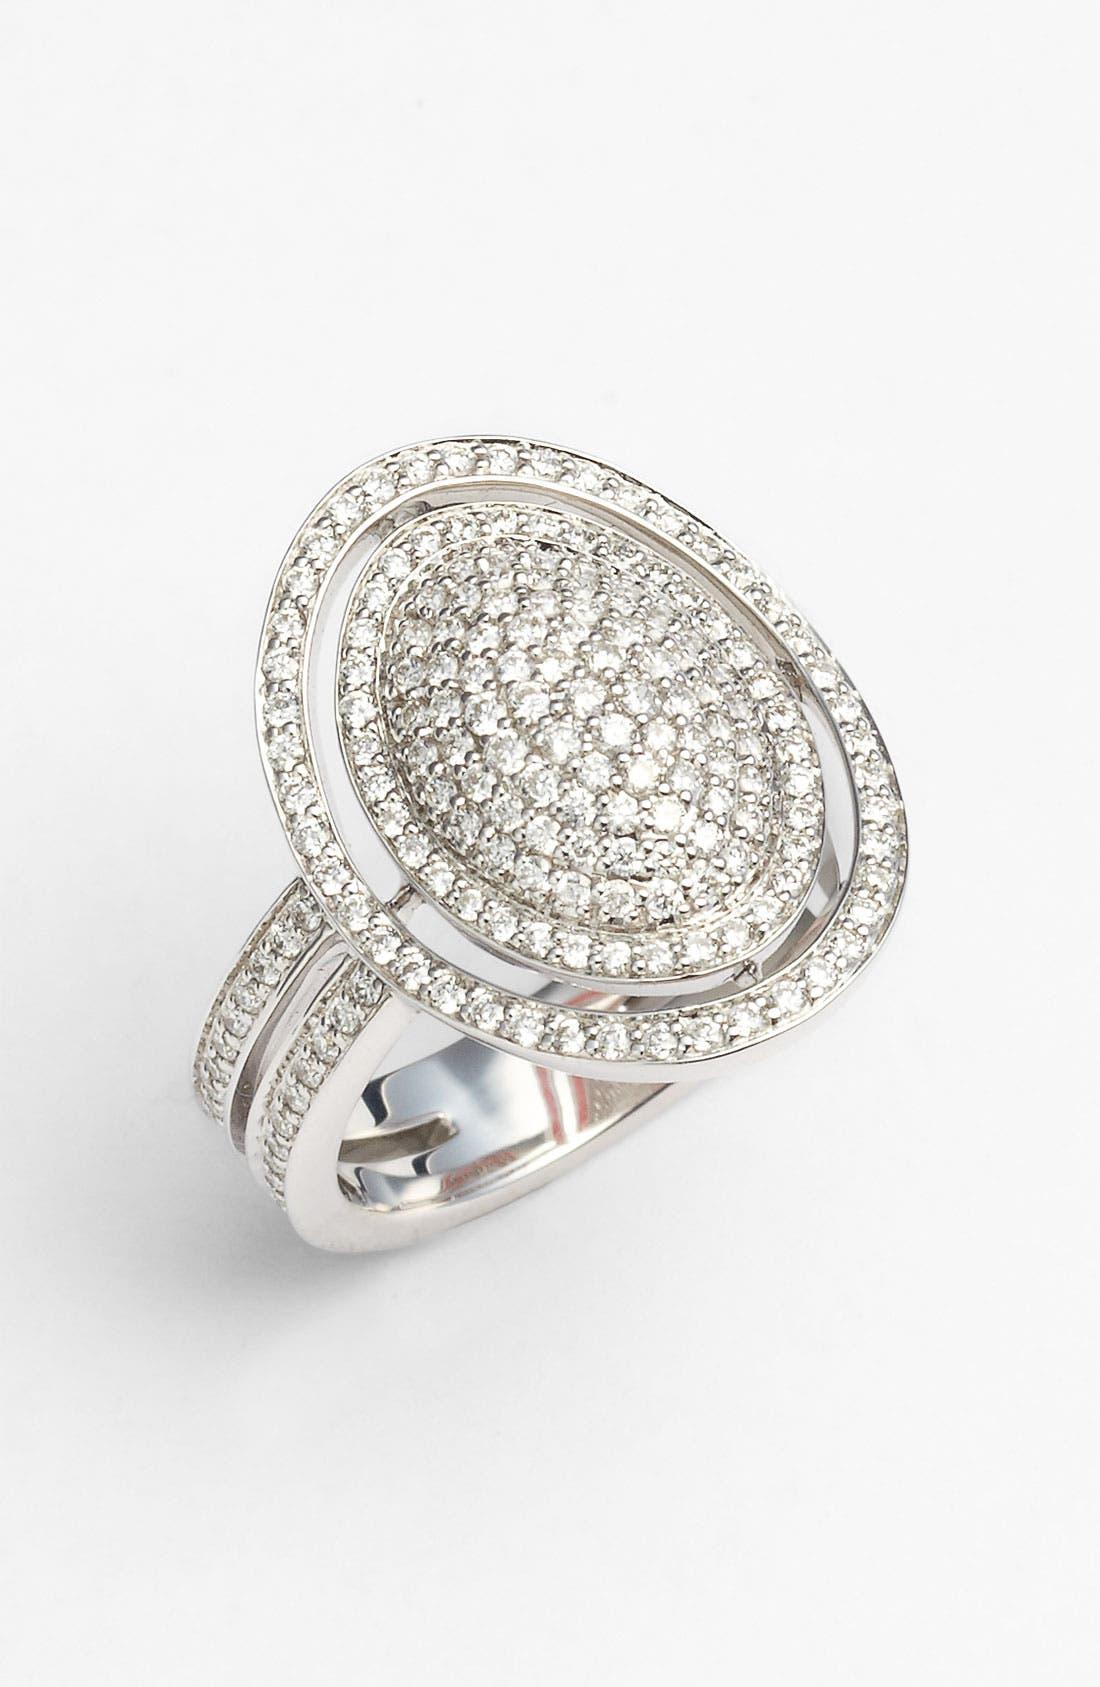 Main Image - Ivanka Trump 'Signature' Pavé Diamond Ring